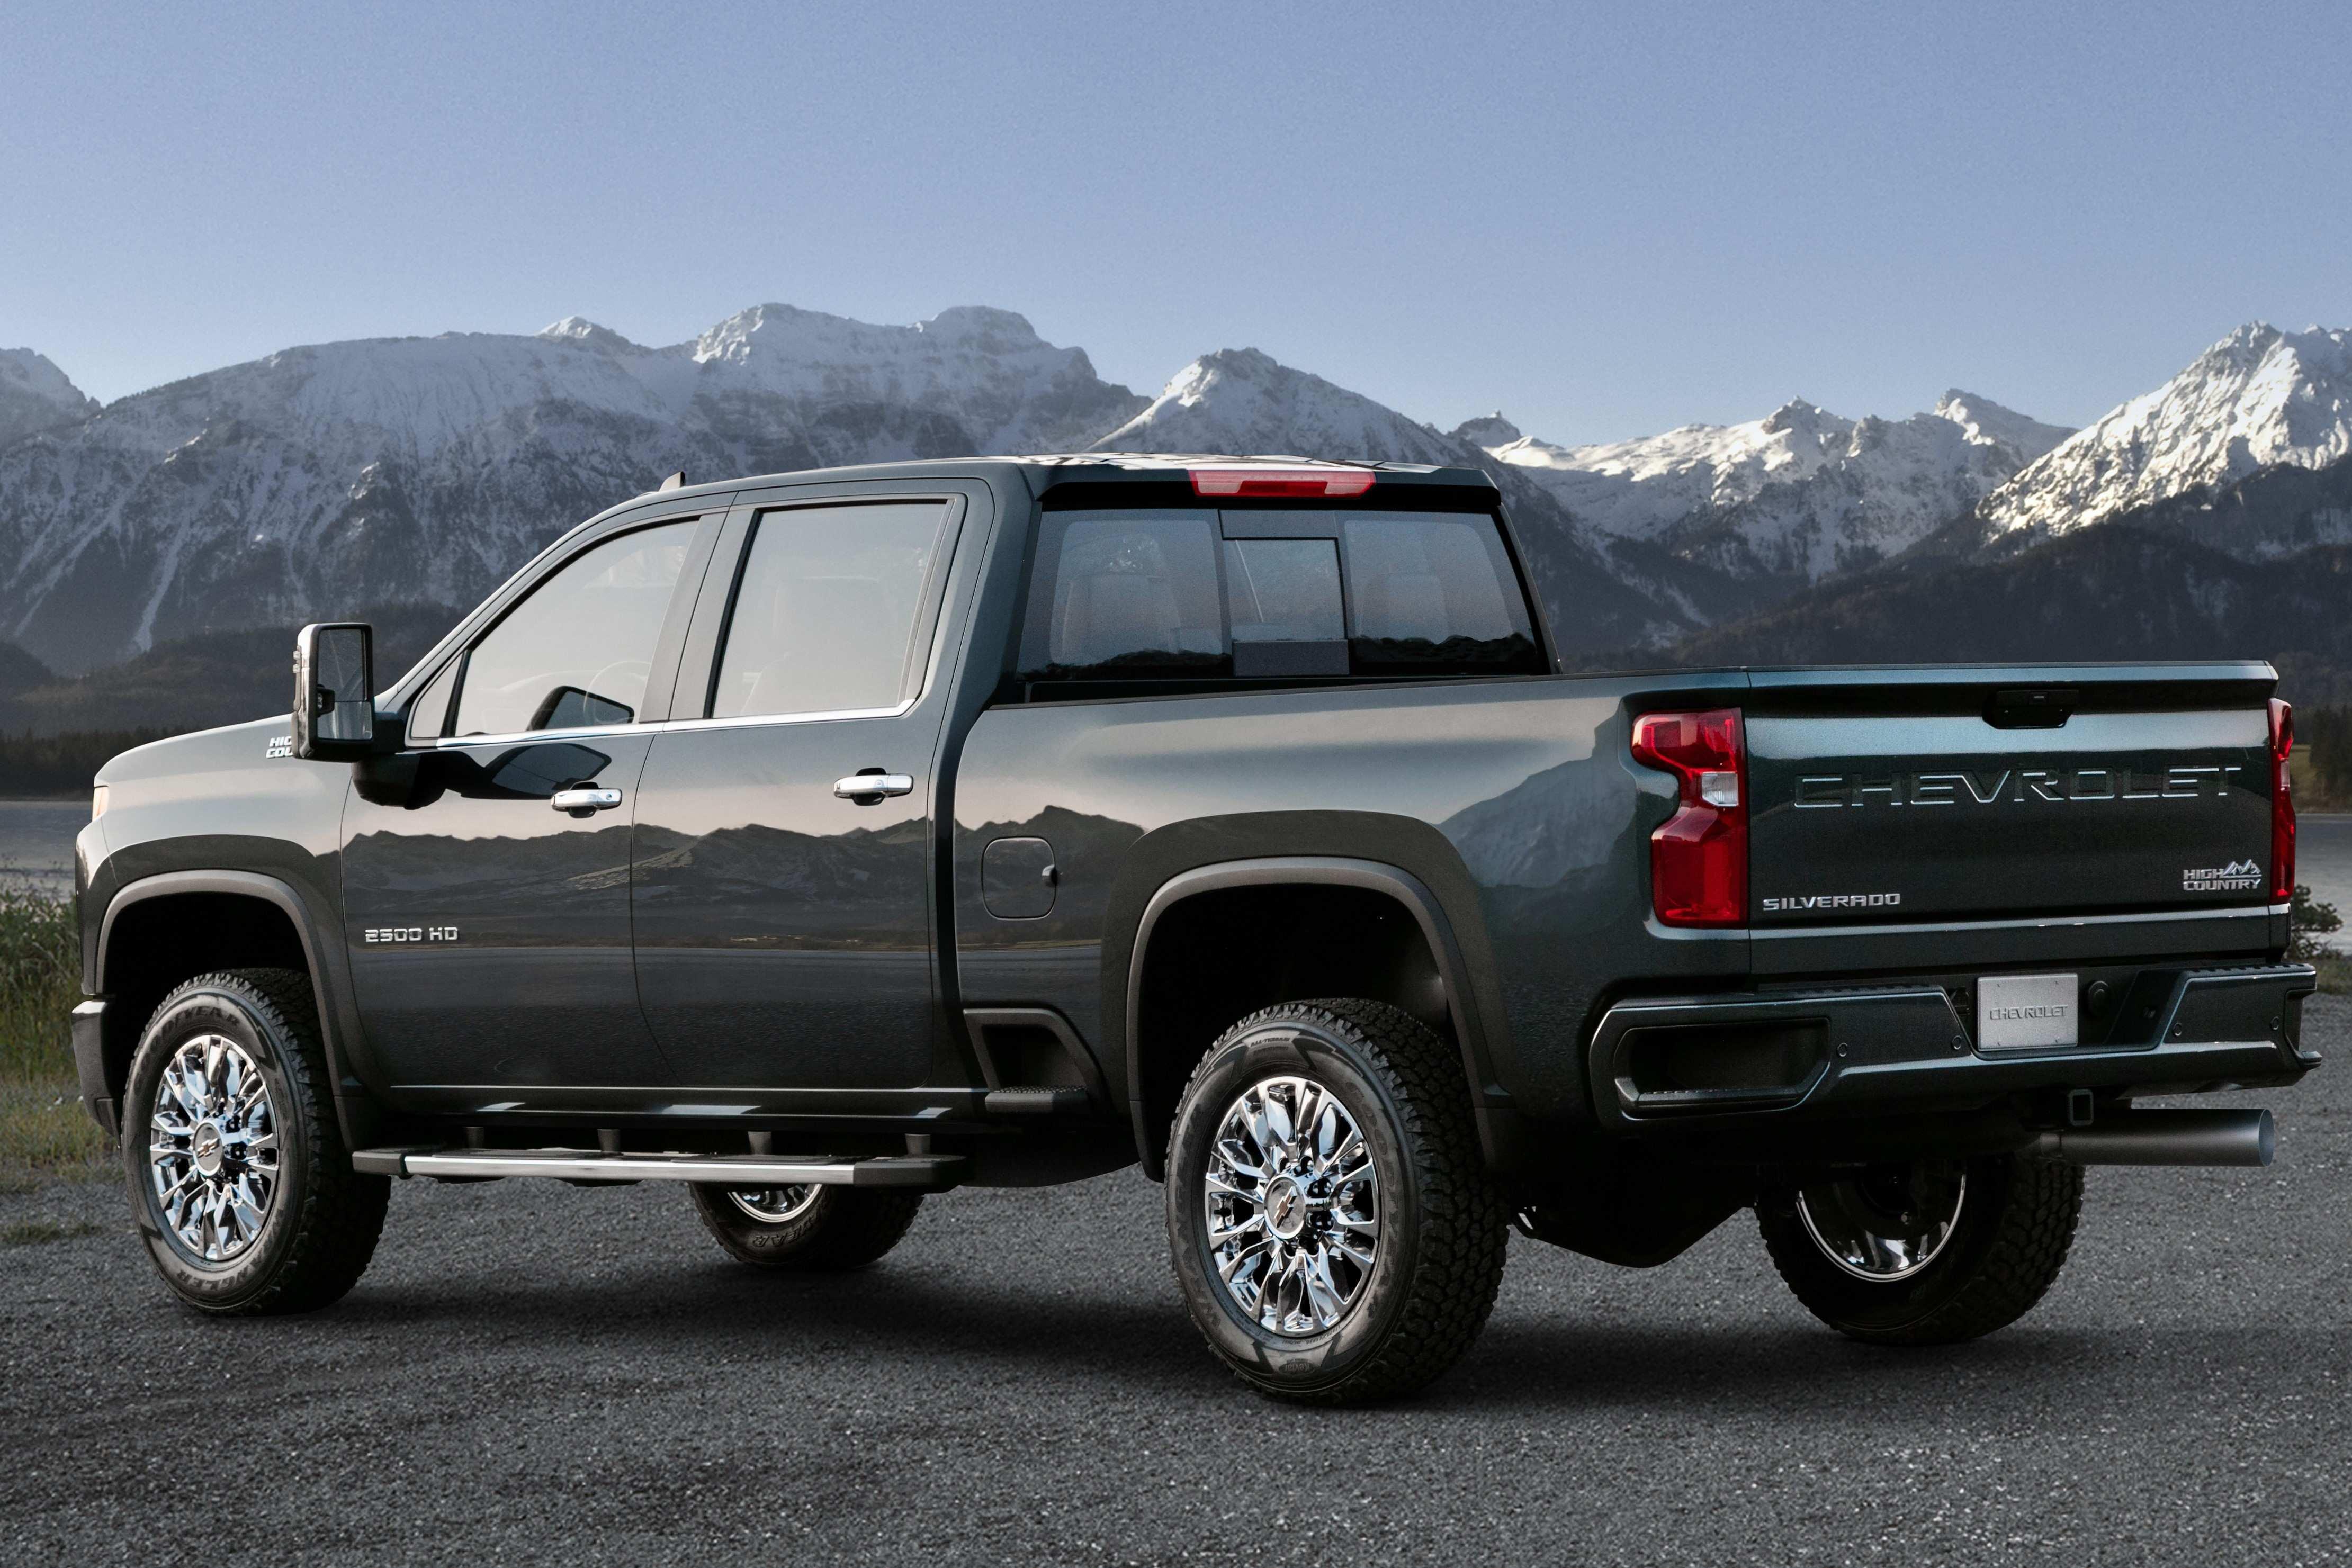 60 New 2020 Chevrolet Silverado 3500 Release with 2020 Chevrolet Silverado 3500